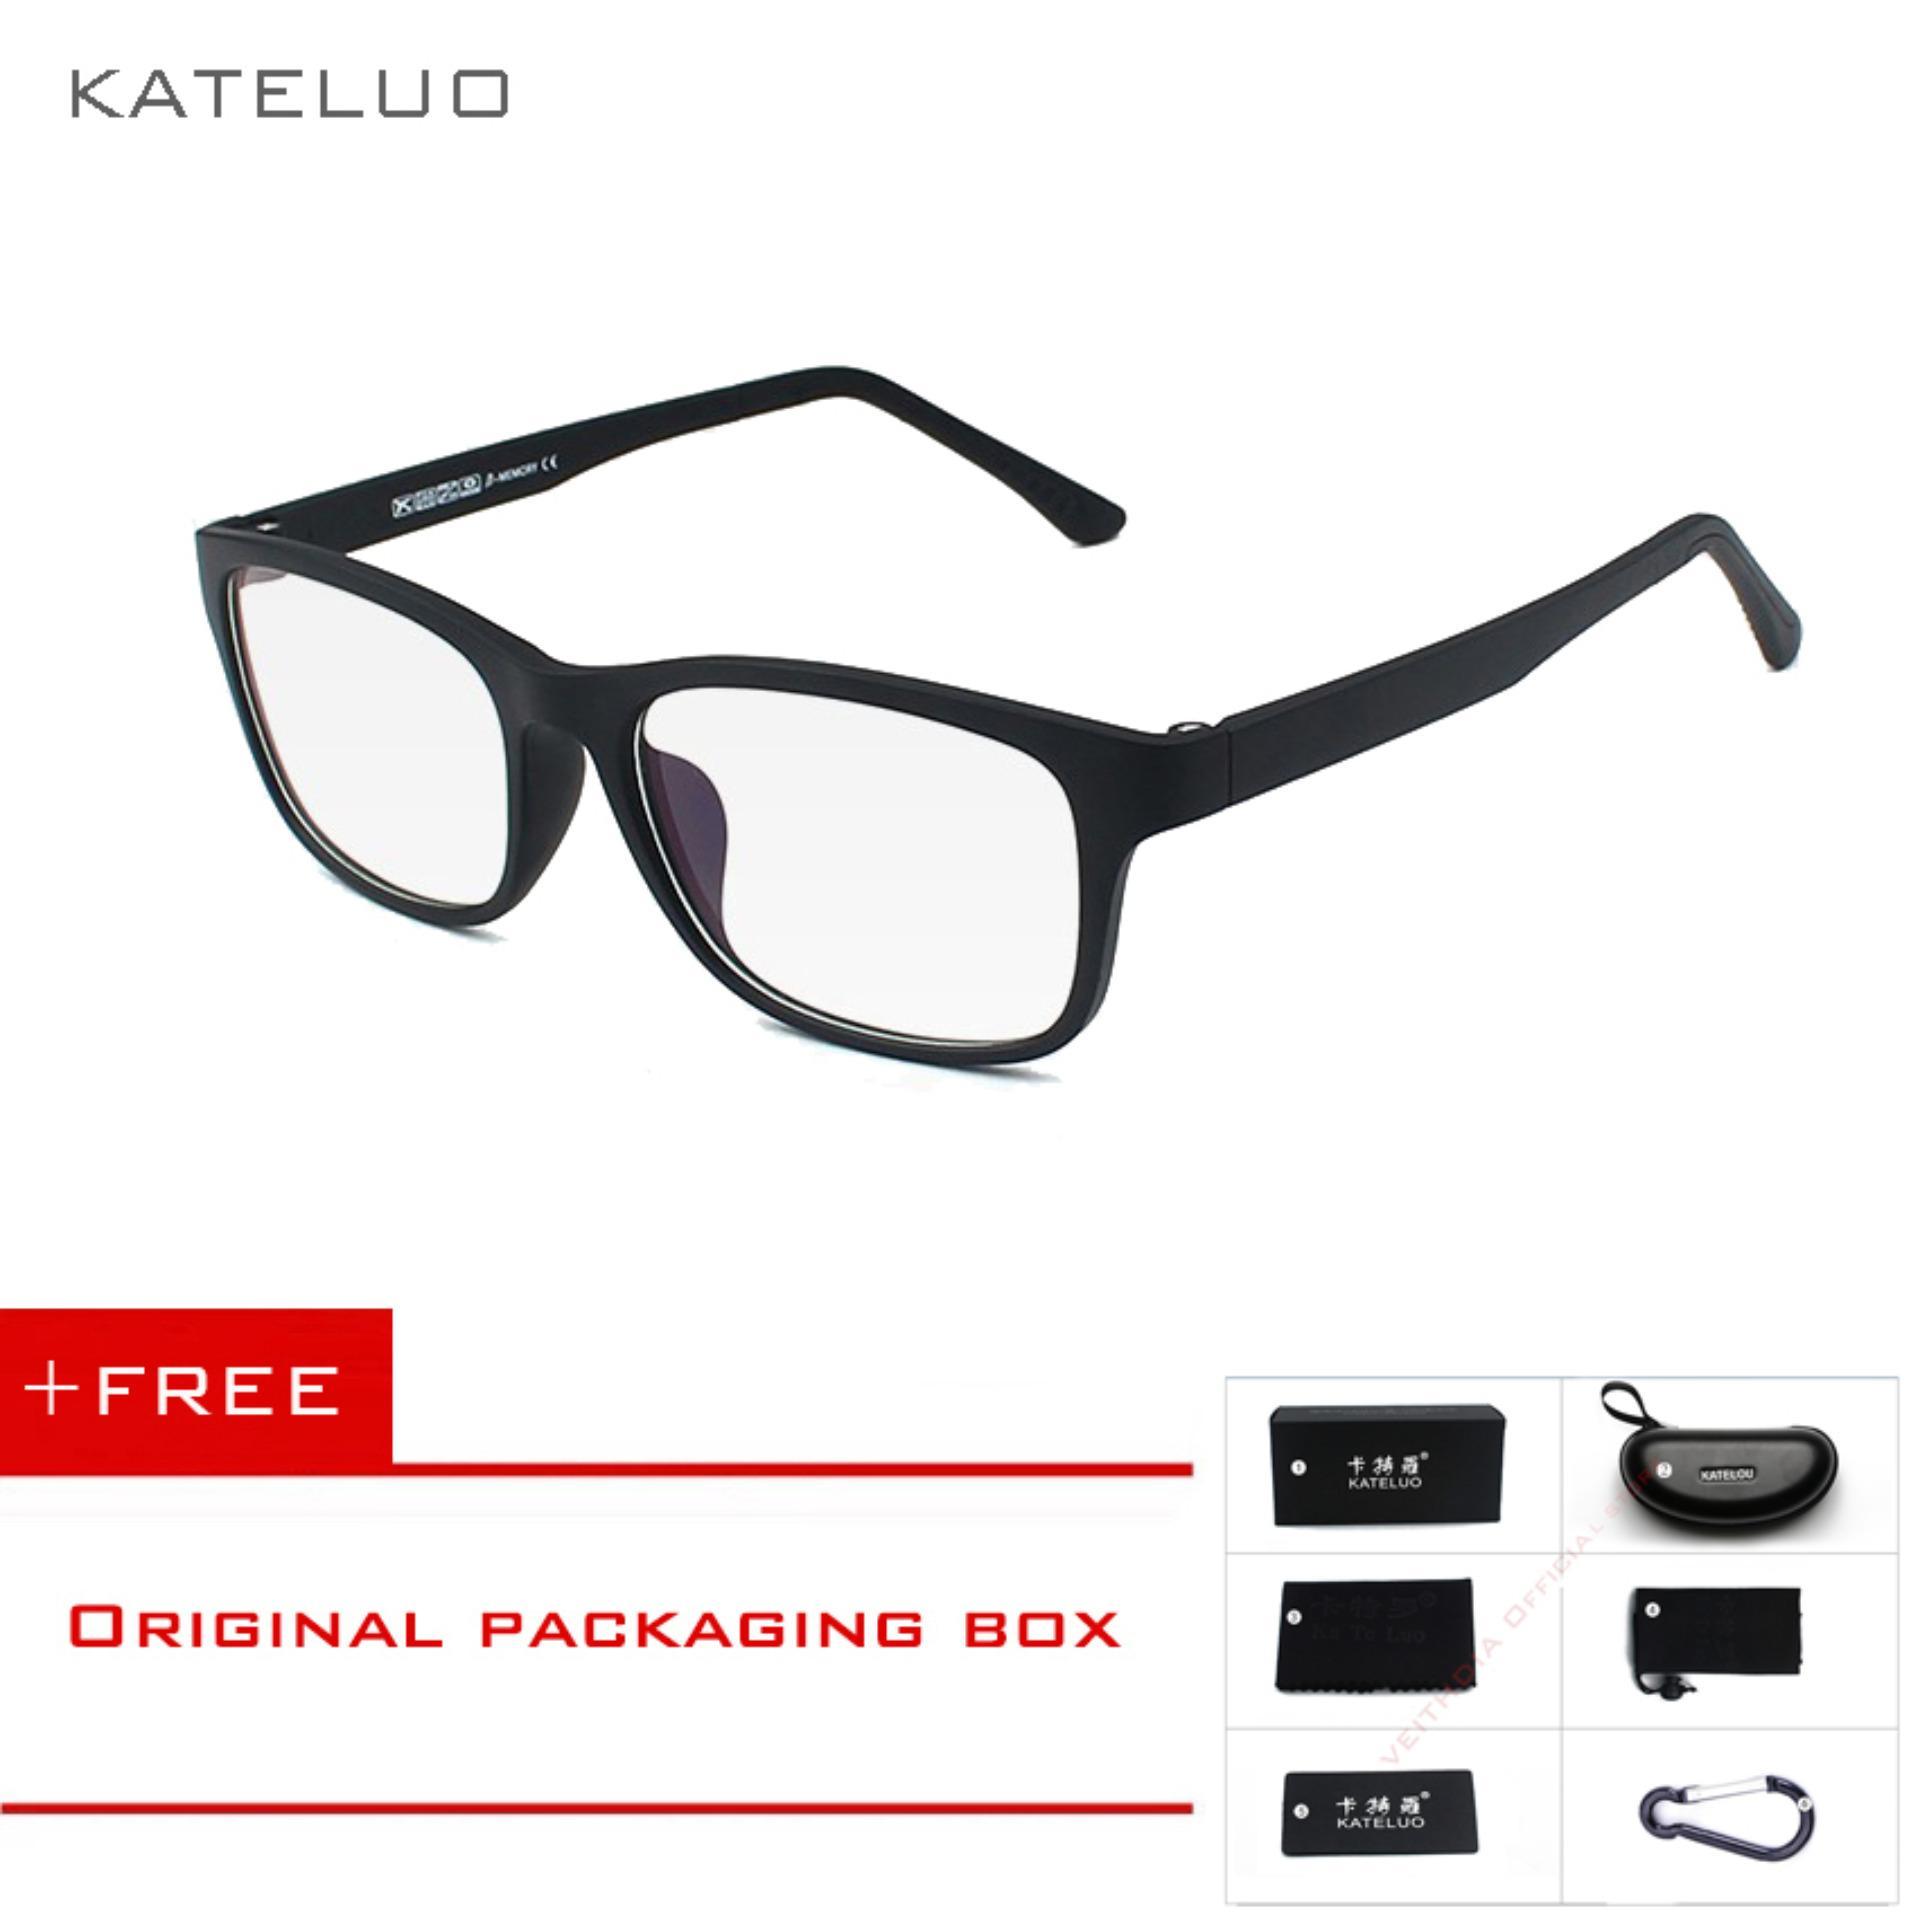 KATELUO Kacamata Komputer Anti Lelah TR90 Tahan Radiasi Bingkai Oculos di Grau de 9219 (Hitam) (Beli 1 Gratis Hadiah)